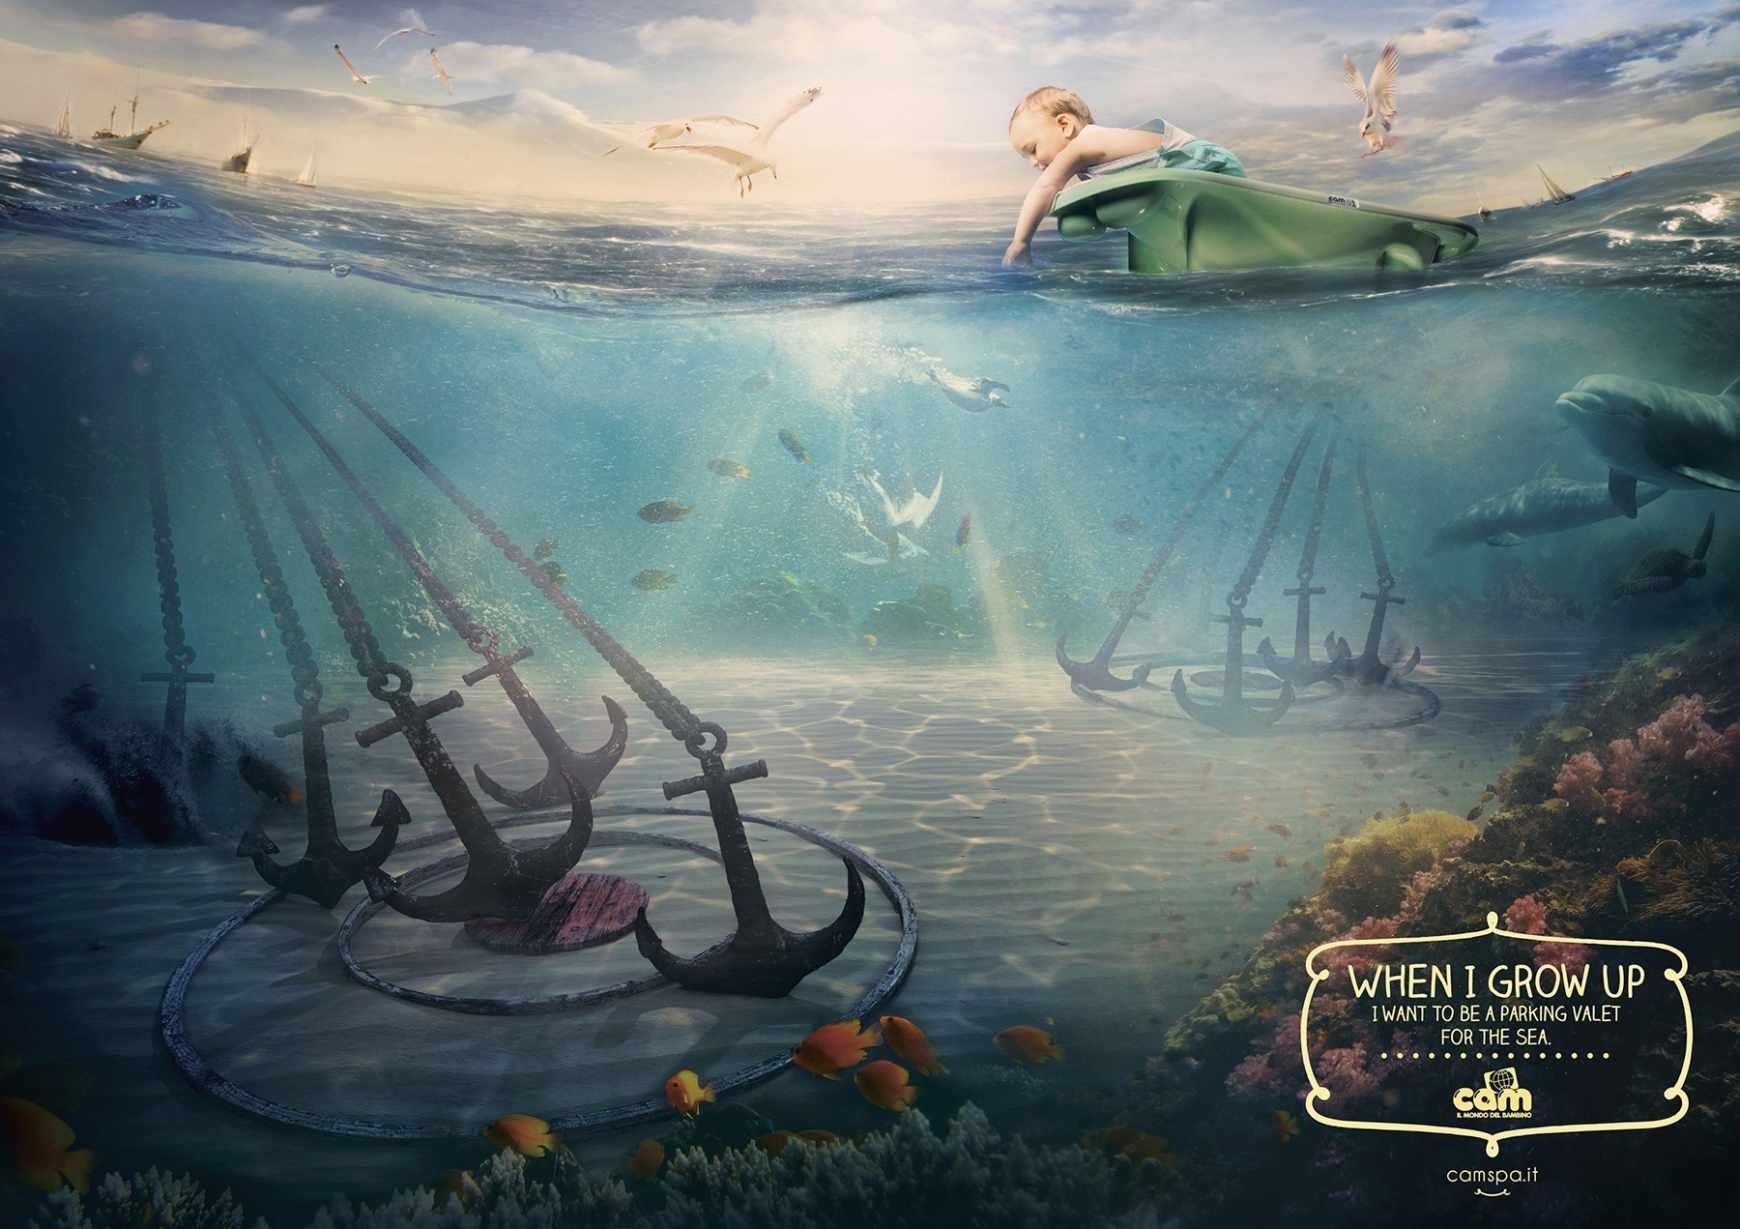 Cam婴儿用品广告创意海报 欣赏-第10张